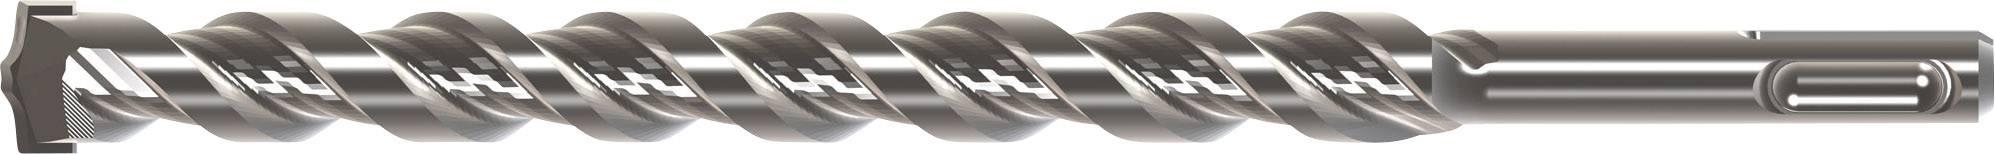 Příklepový vrták SDS Plus Heller Bionic, Ø 5 mm, délka 110 mm